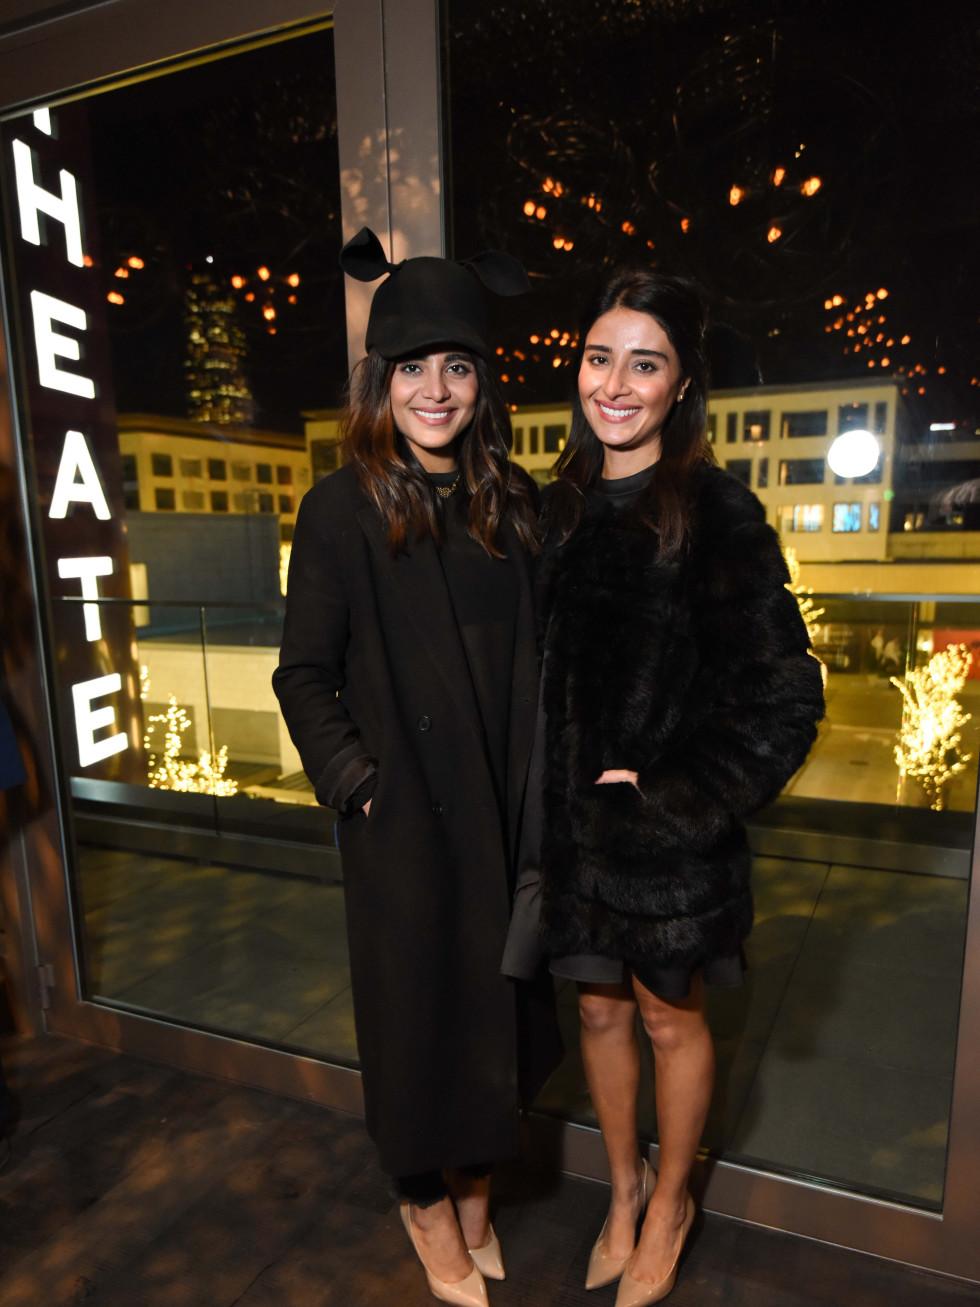 Heart of Fashion at the movies, Feb. 2016,Sarah Jawda, Saba Jawda